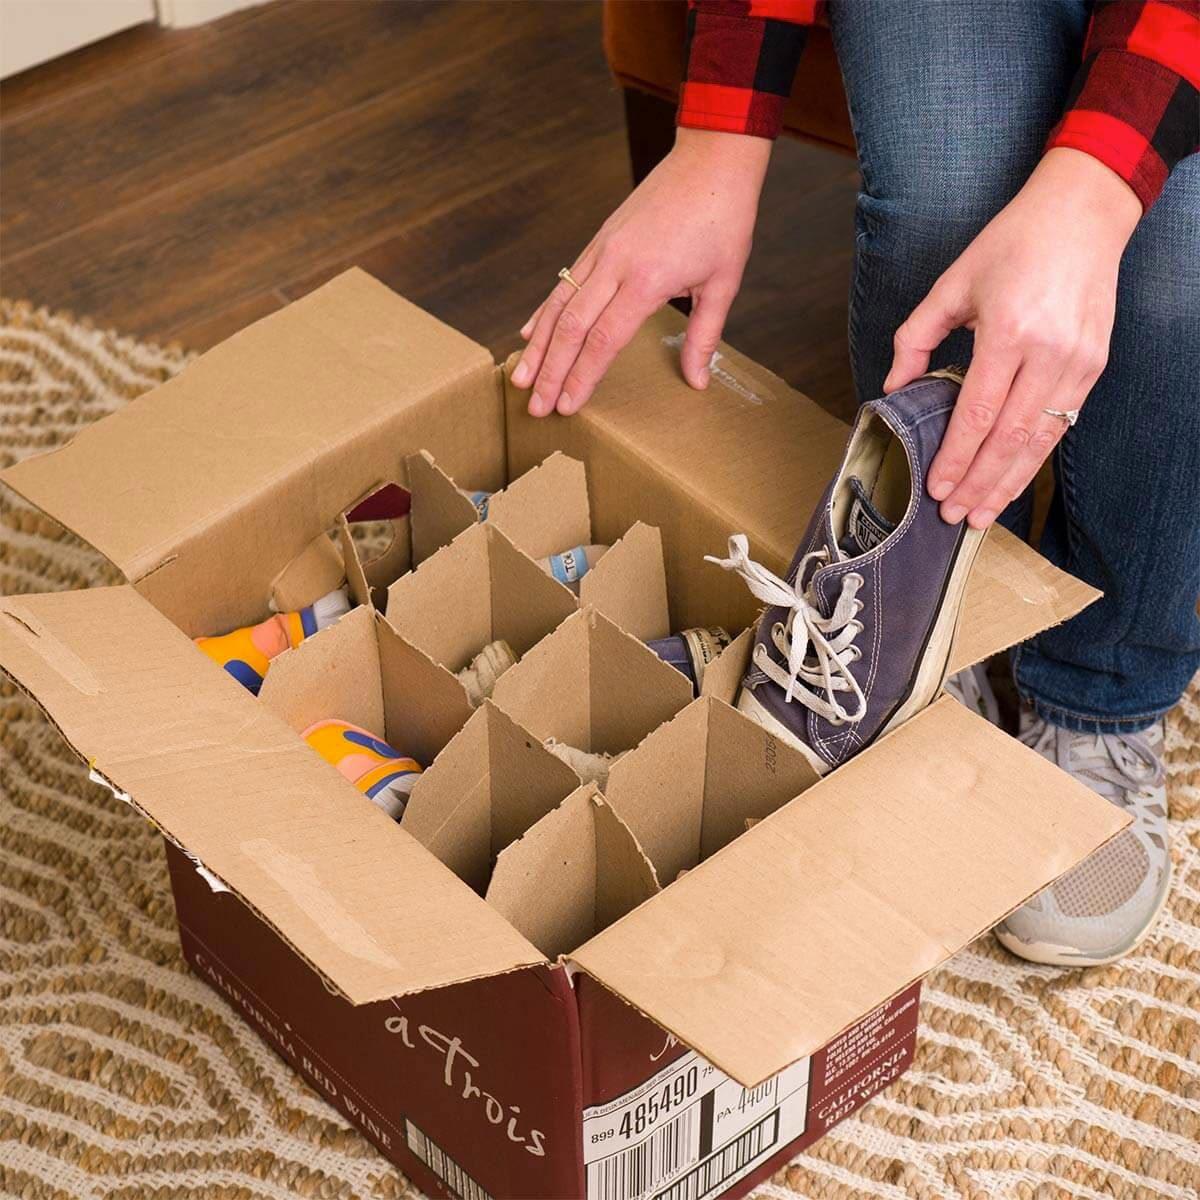 Organiser sa maison : un carton de bouteilles de vin pour ranger vos souliers.